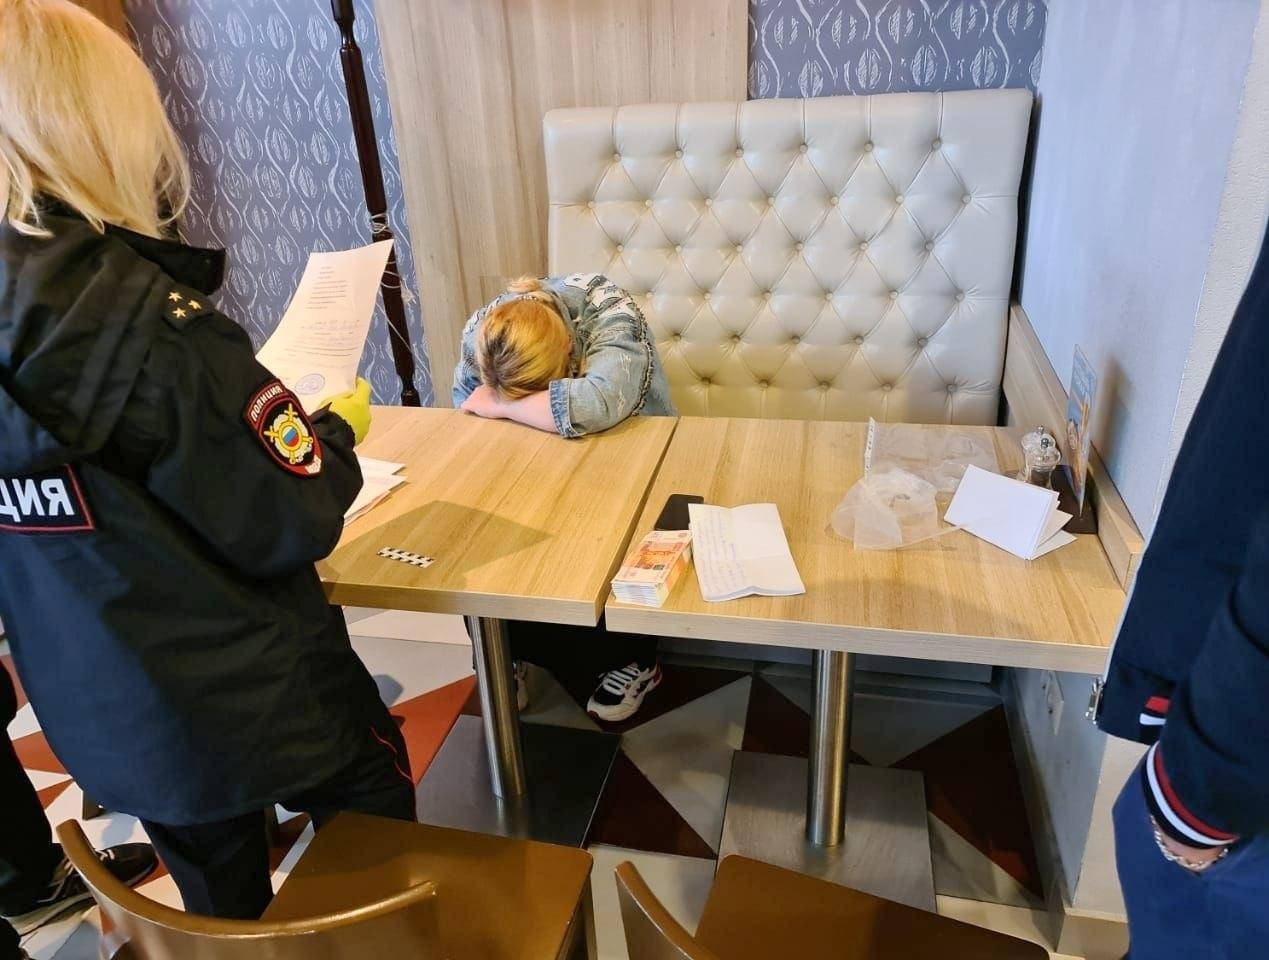 Россиянка пыталась продать младенца за 300 тысяч рублей ради сапог